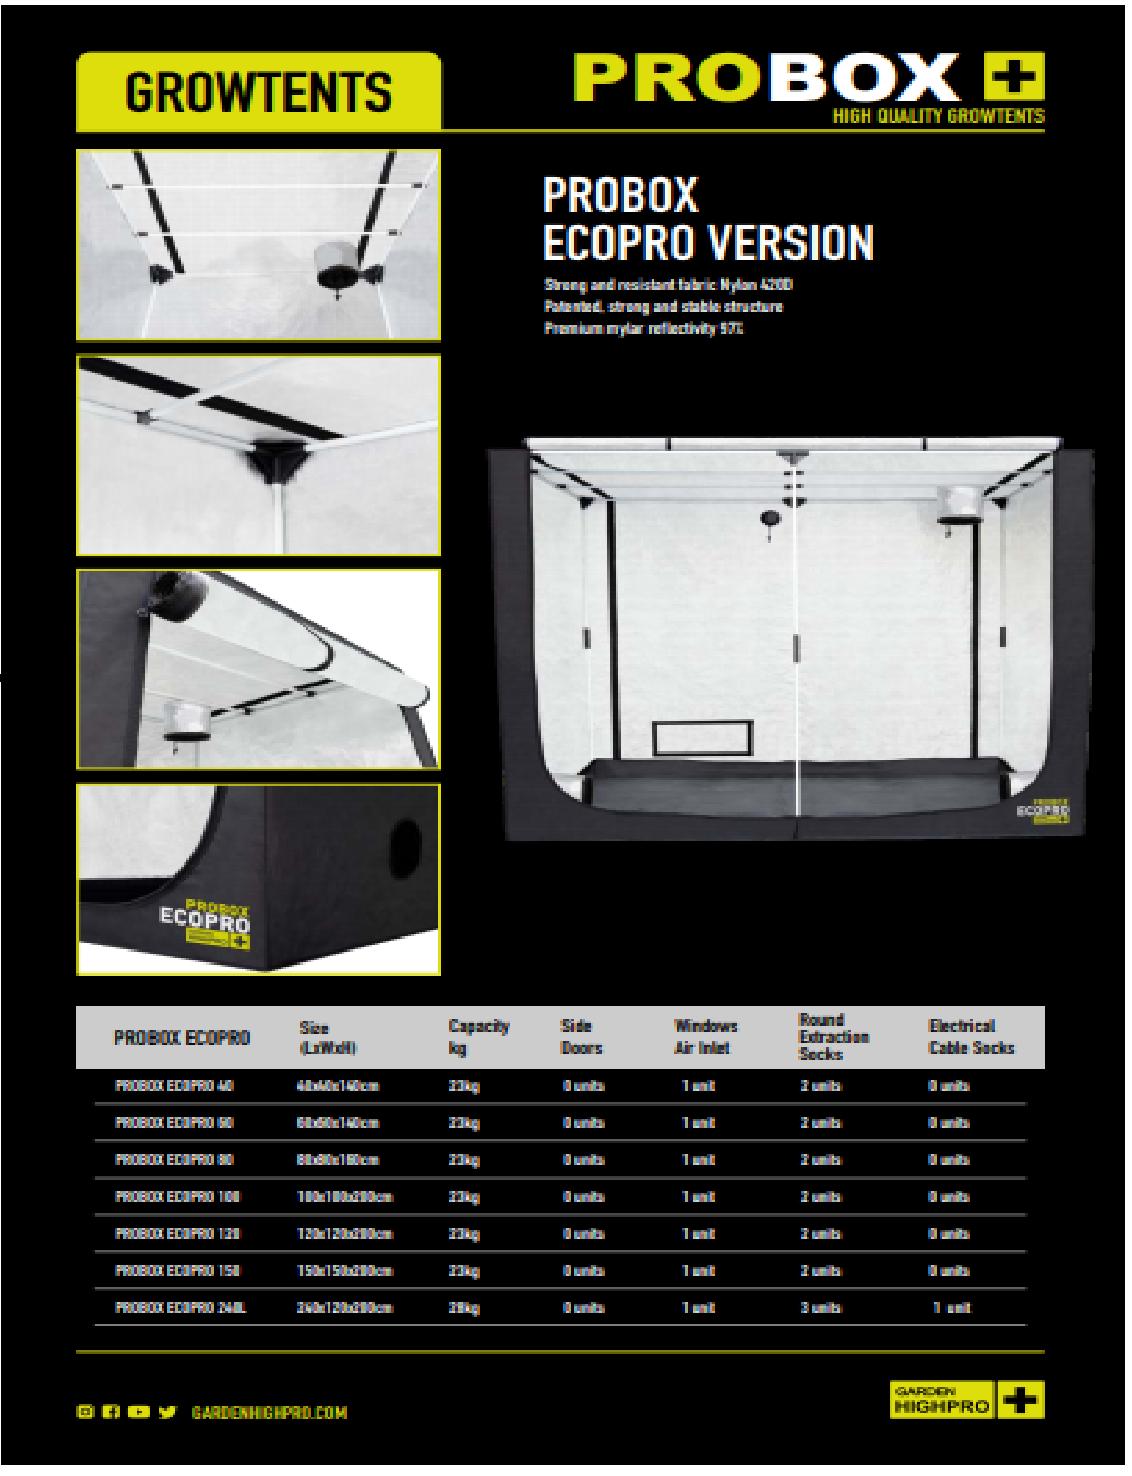 Barraca ProBox 40 Ecopro Growroom Estufa